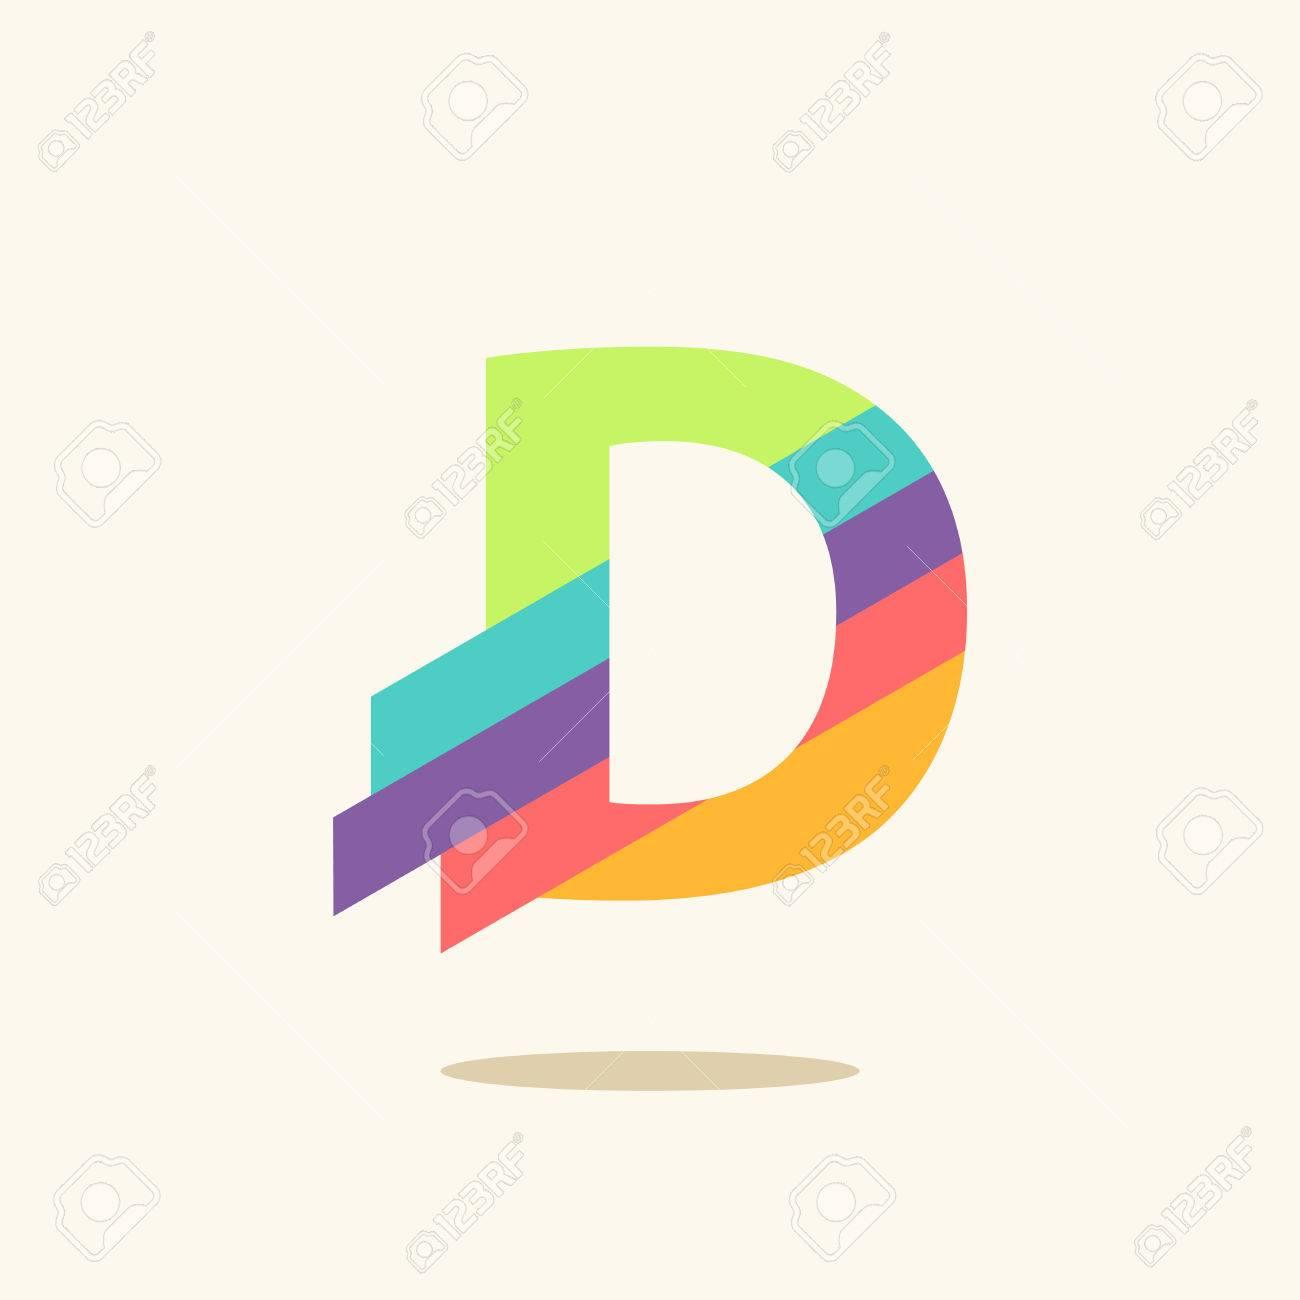 Letter D logo icon design template elements - 50211025